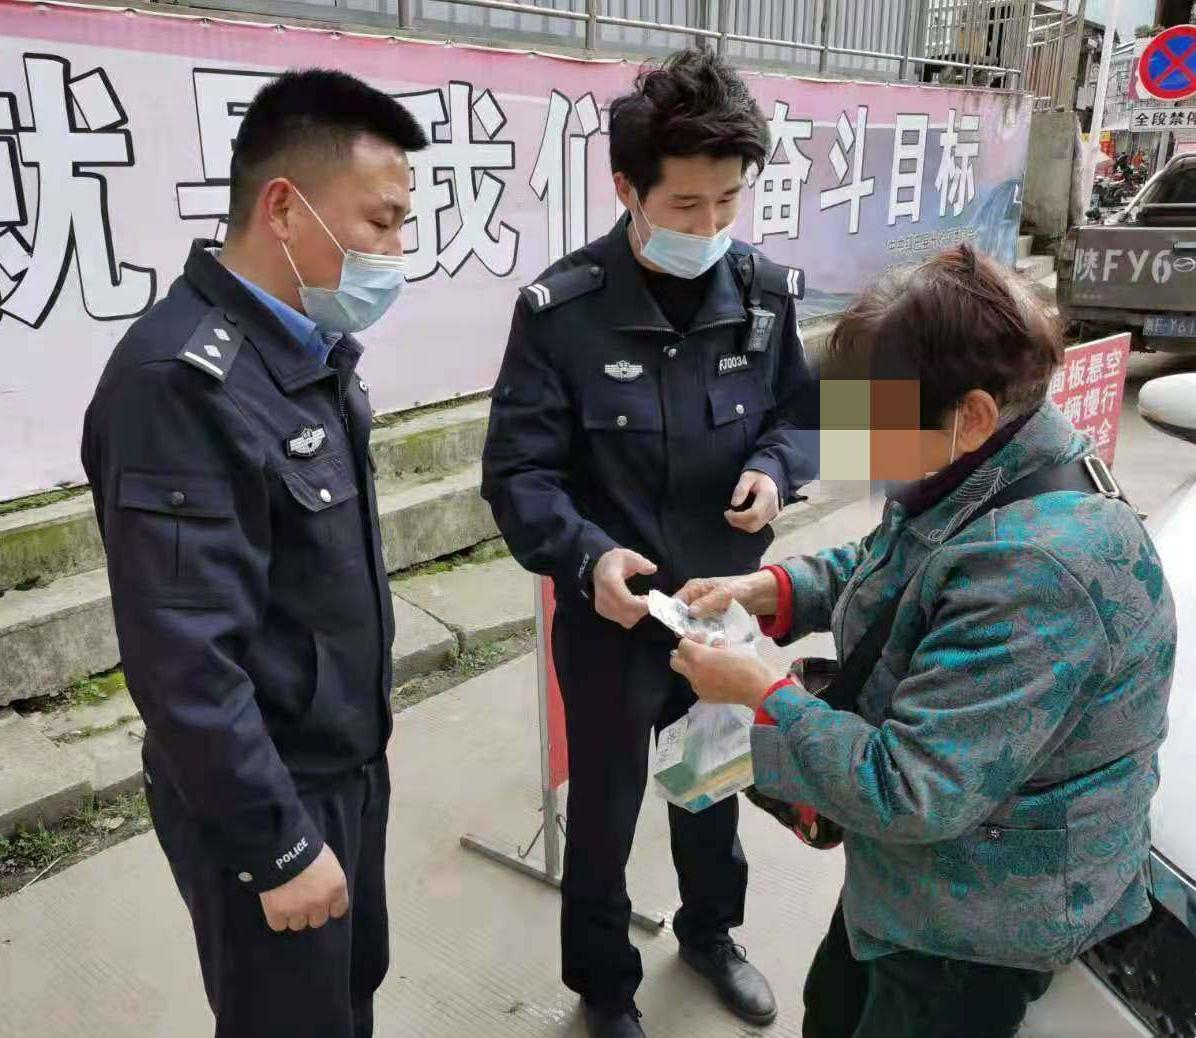 镇巴公安:七旬老人百里要账起冲突 民警调解化矛盾